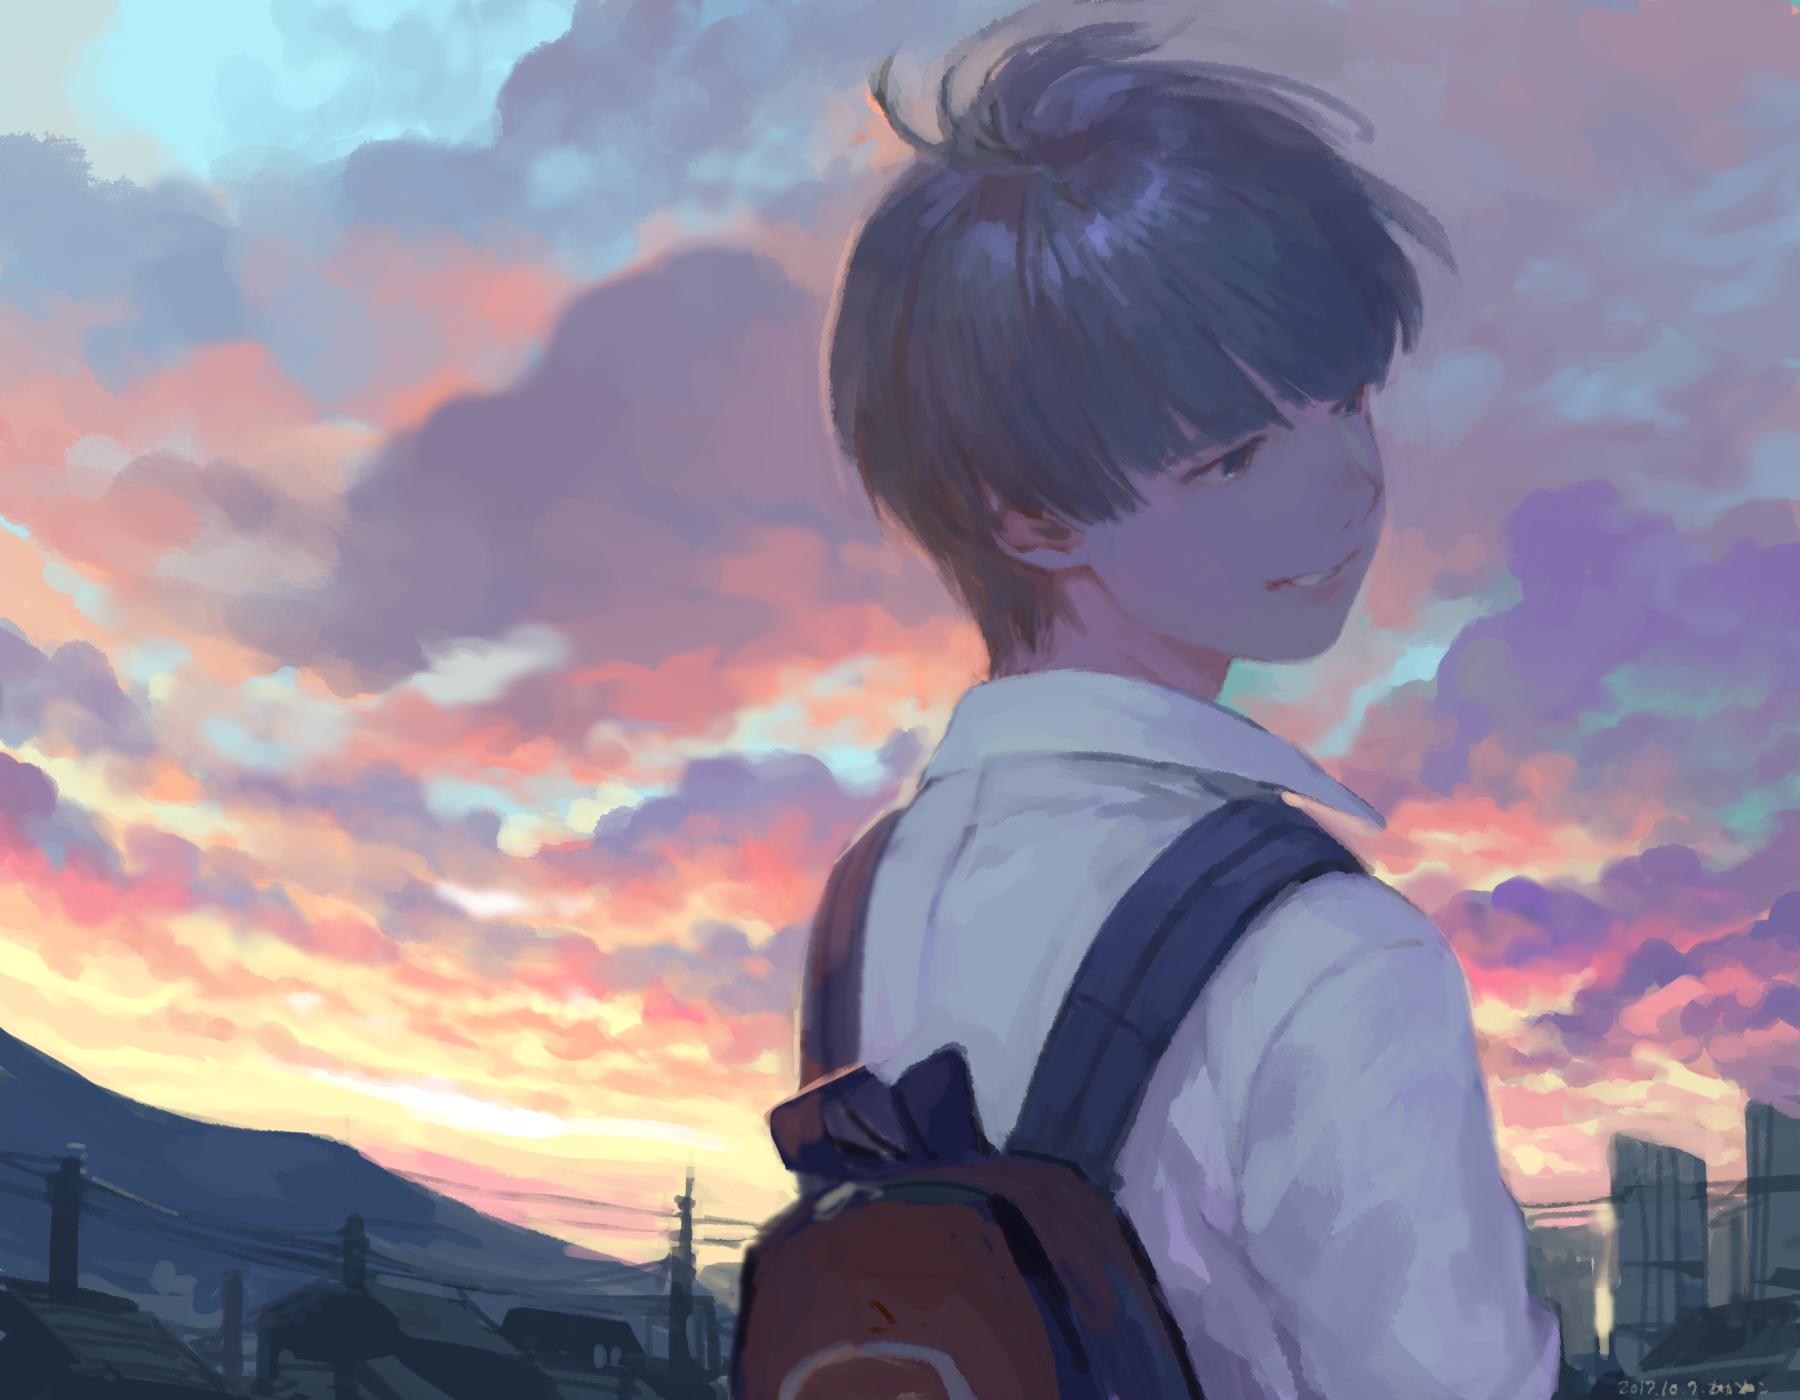 Contoh Soal Dan Contoh Pidato Lengkap Anime Boy Wallpaper